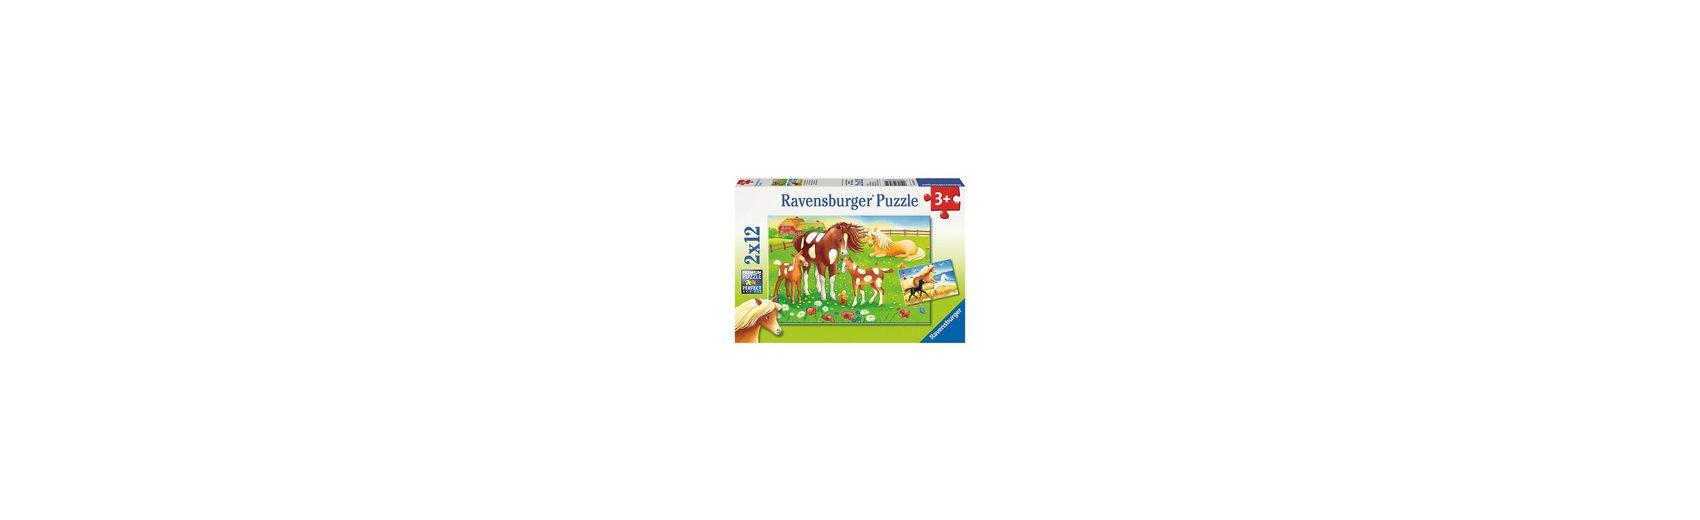 Ravensburger Puzzleset Wehende Mähnen 2 x 12 Teile